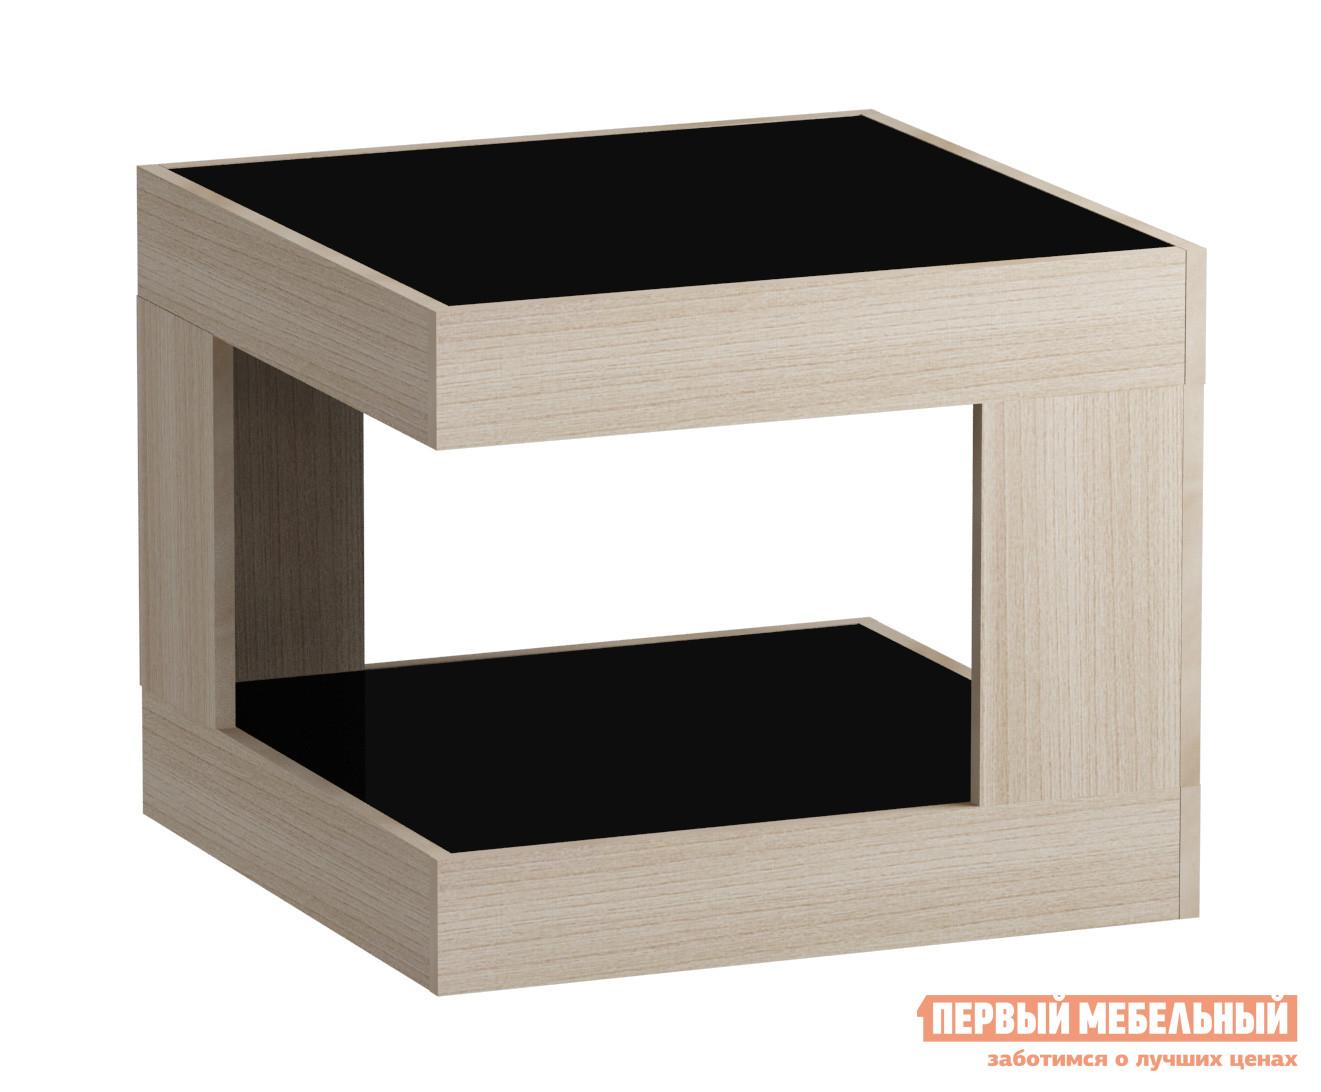 Журнальный столик Мебель Импэкс Leset LS 746 Ясень Шимо светлый / Черное стекло